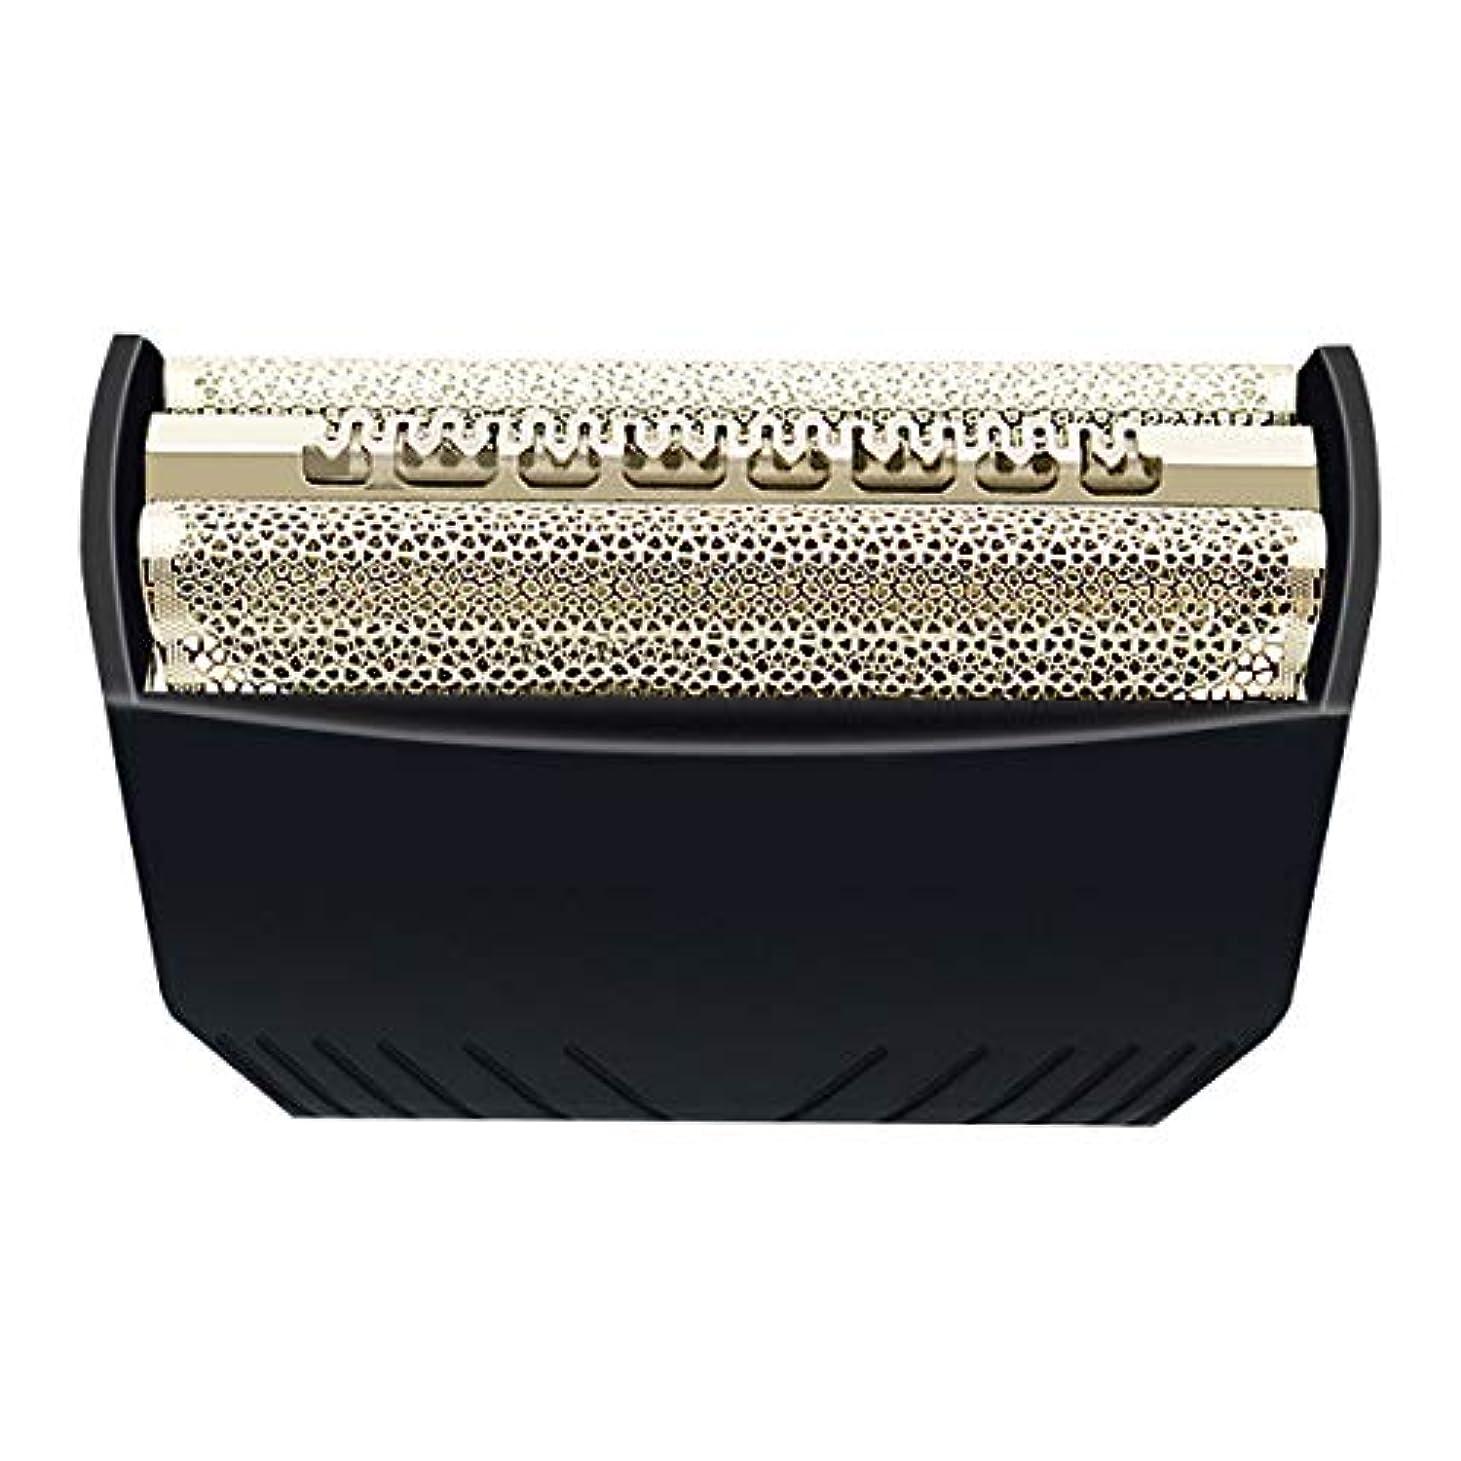 洋服スリーブカカドゥVINFANYシェーバー替刃 シリーズ3 適用 Braun 30Bシリーズ3 シェーバーモデル電気シェーバー シリーズ3網刃?内刃一体型カセット 交換用ホイル (30B (Black))